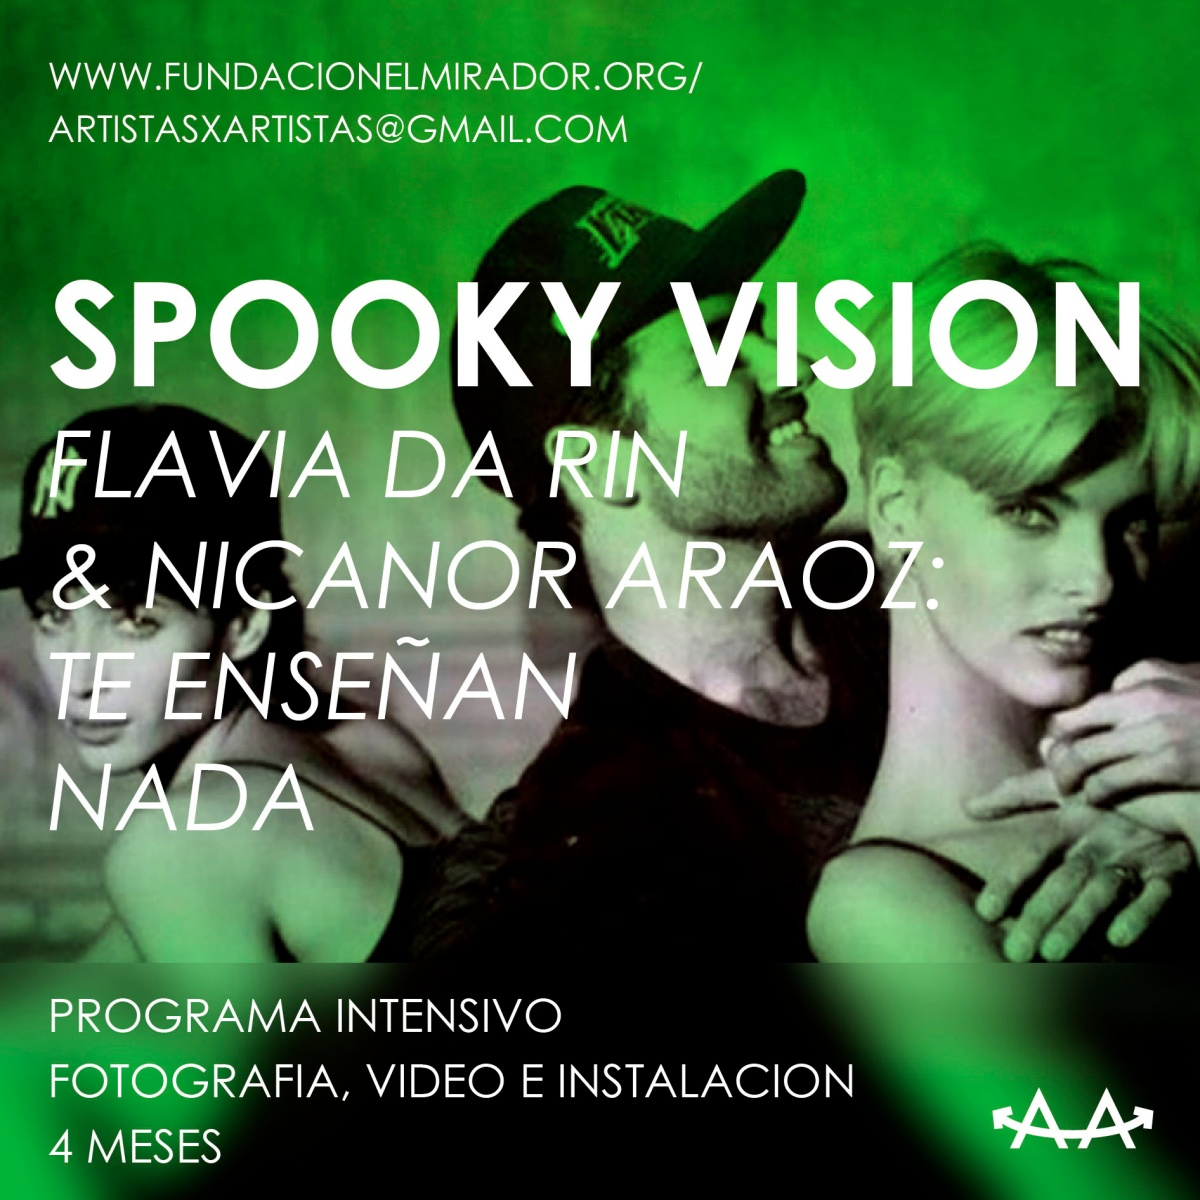 SPOOKY VISION - PROGRAMA INTENSIVO DE INSTALACION, VIDEO Y FOTOGRAFIA.